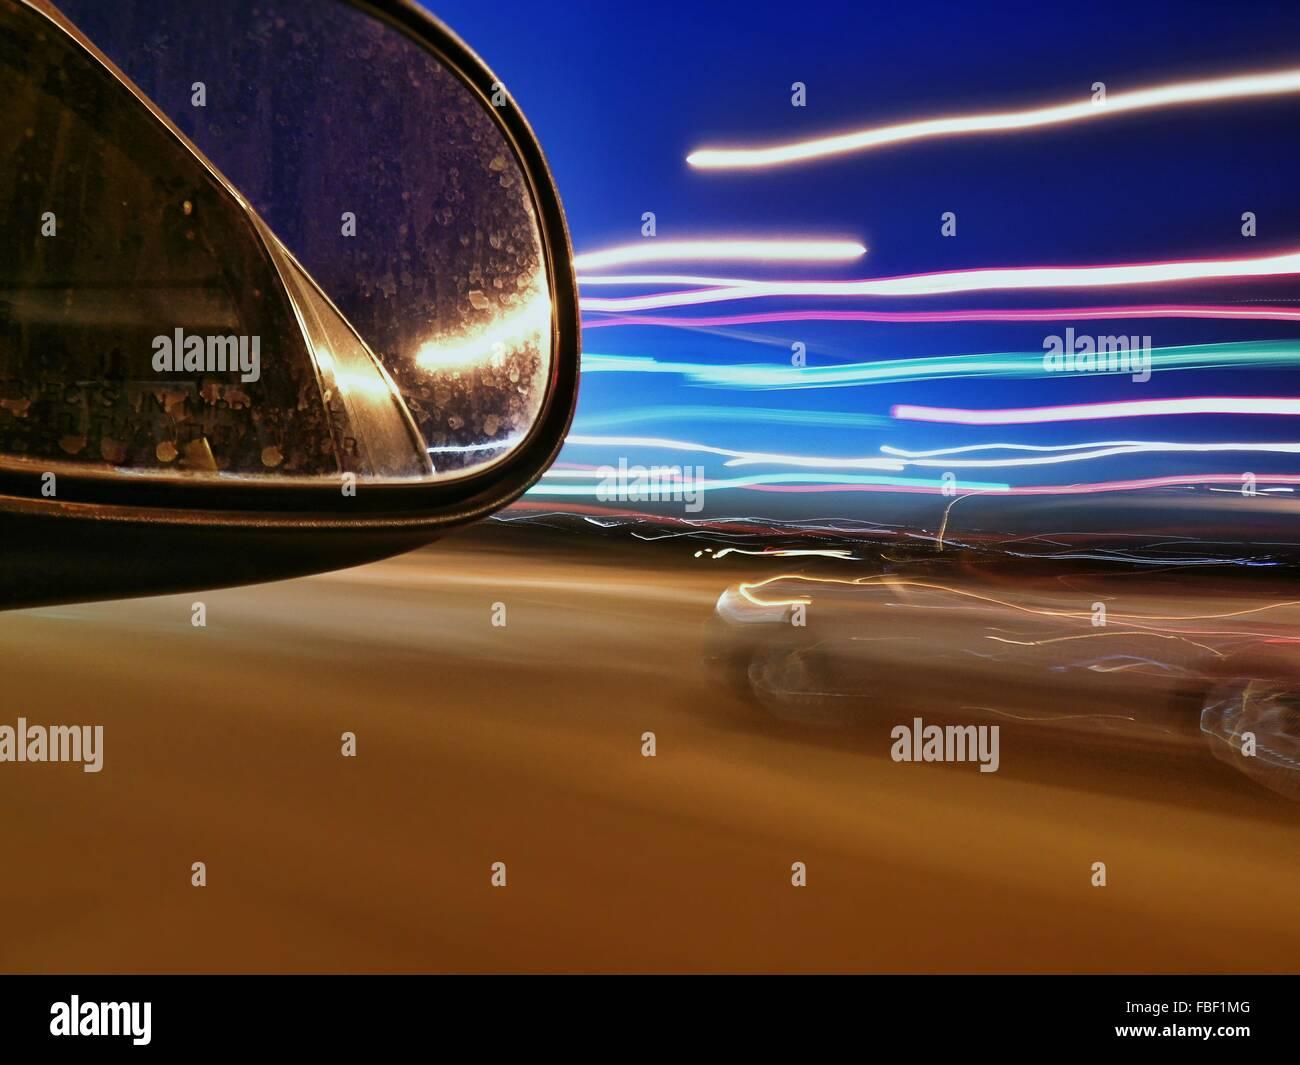 Specchio Side-View e sentieri di luce sulla strada di notte Immagini Stock